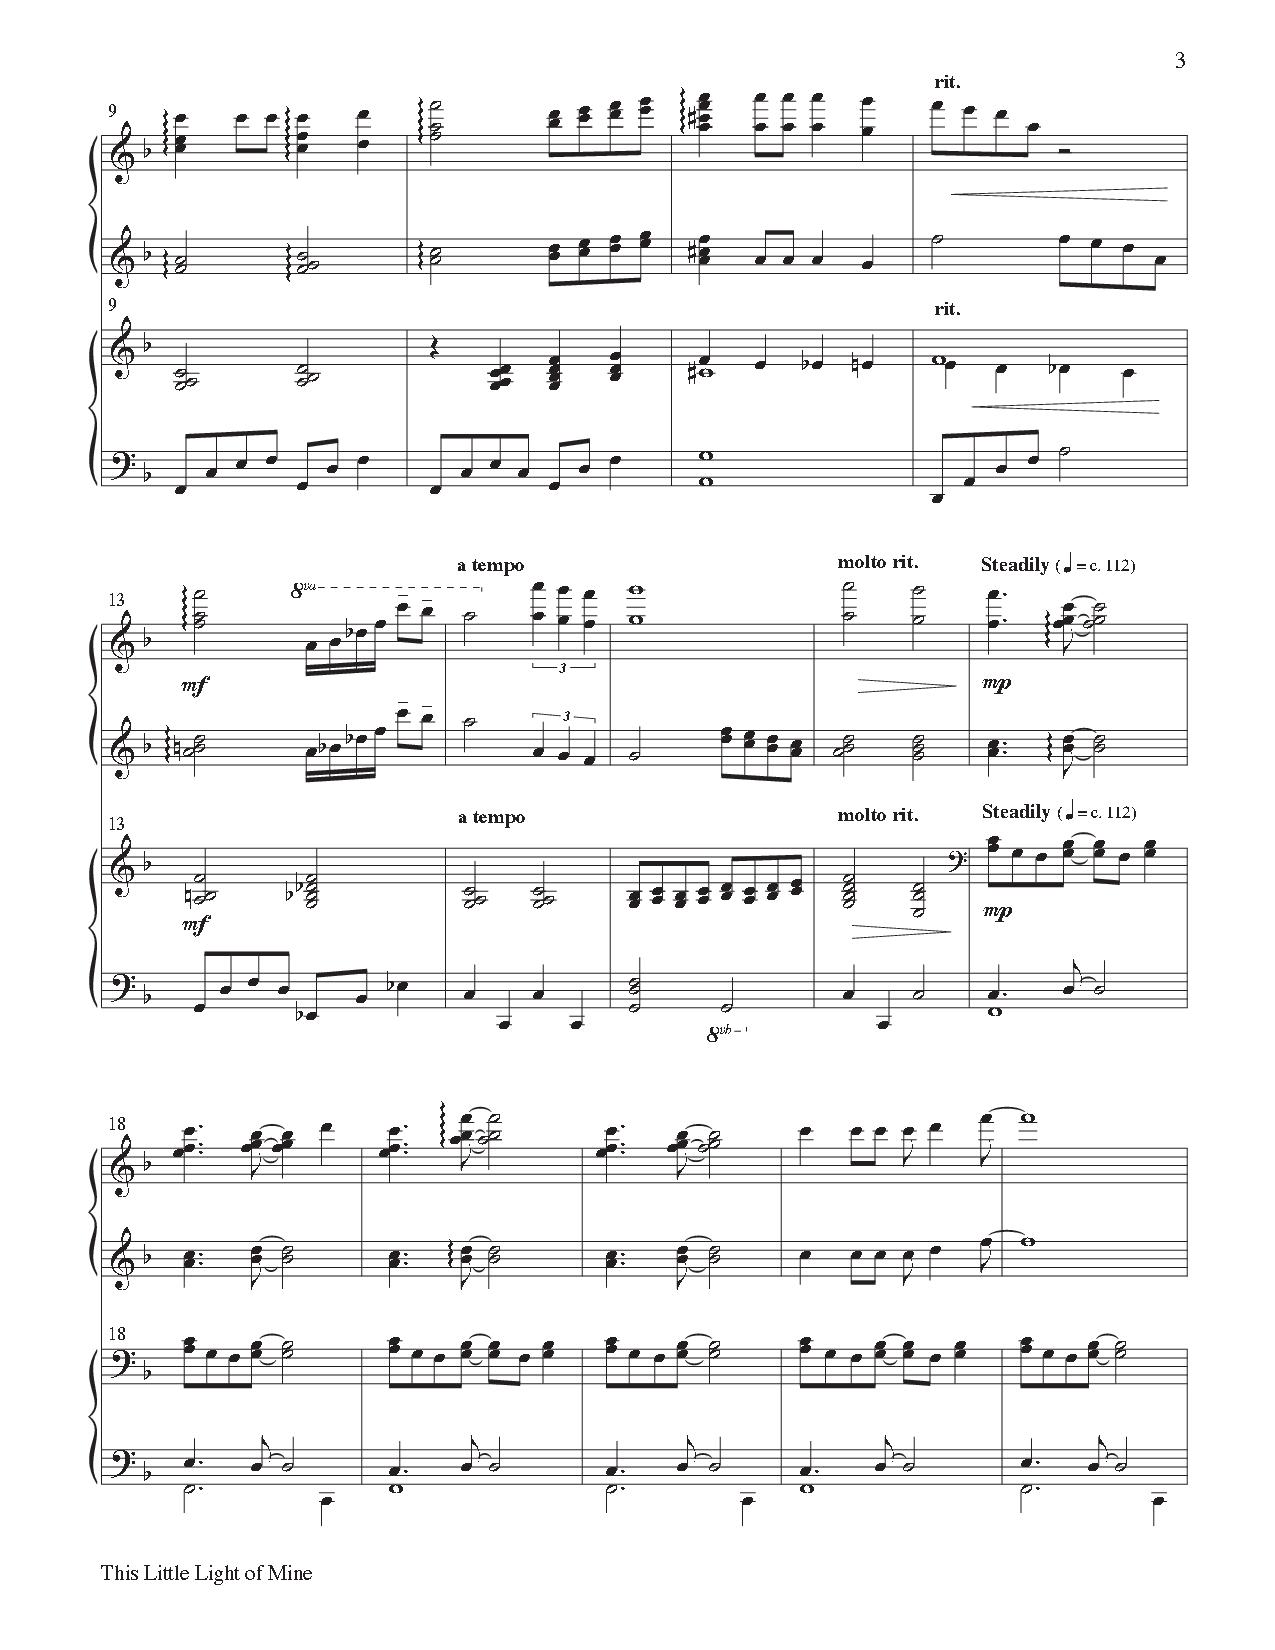 Gospel Blues (Piano) arr  Joel Raney  J W  Pepper Sheet Music